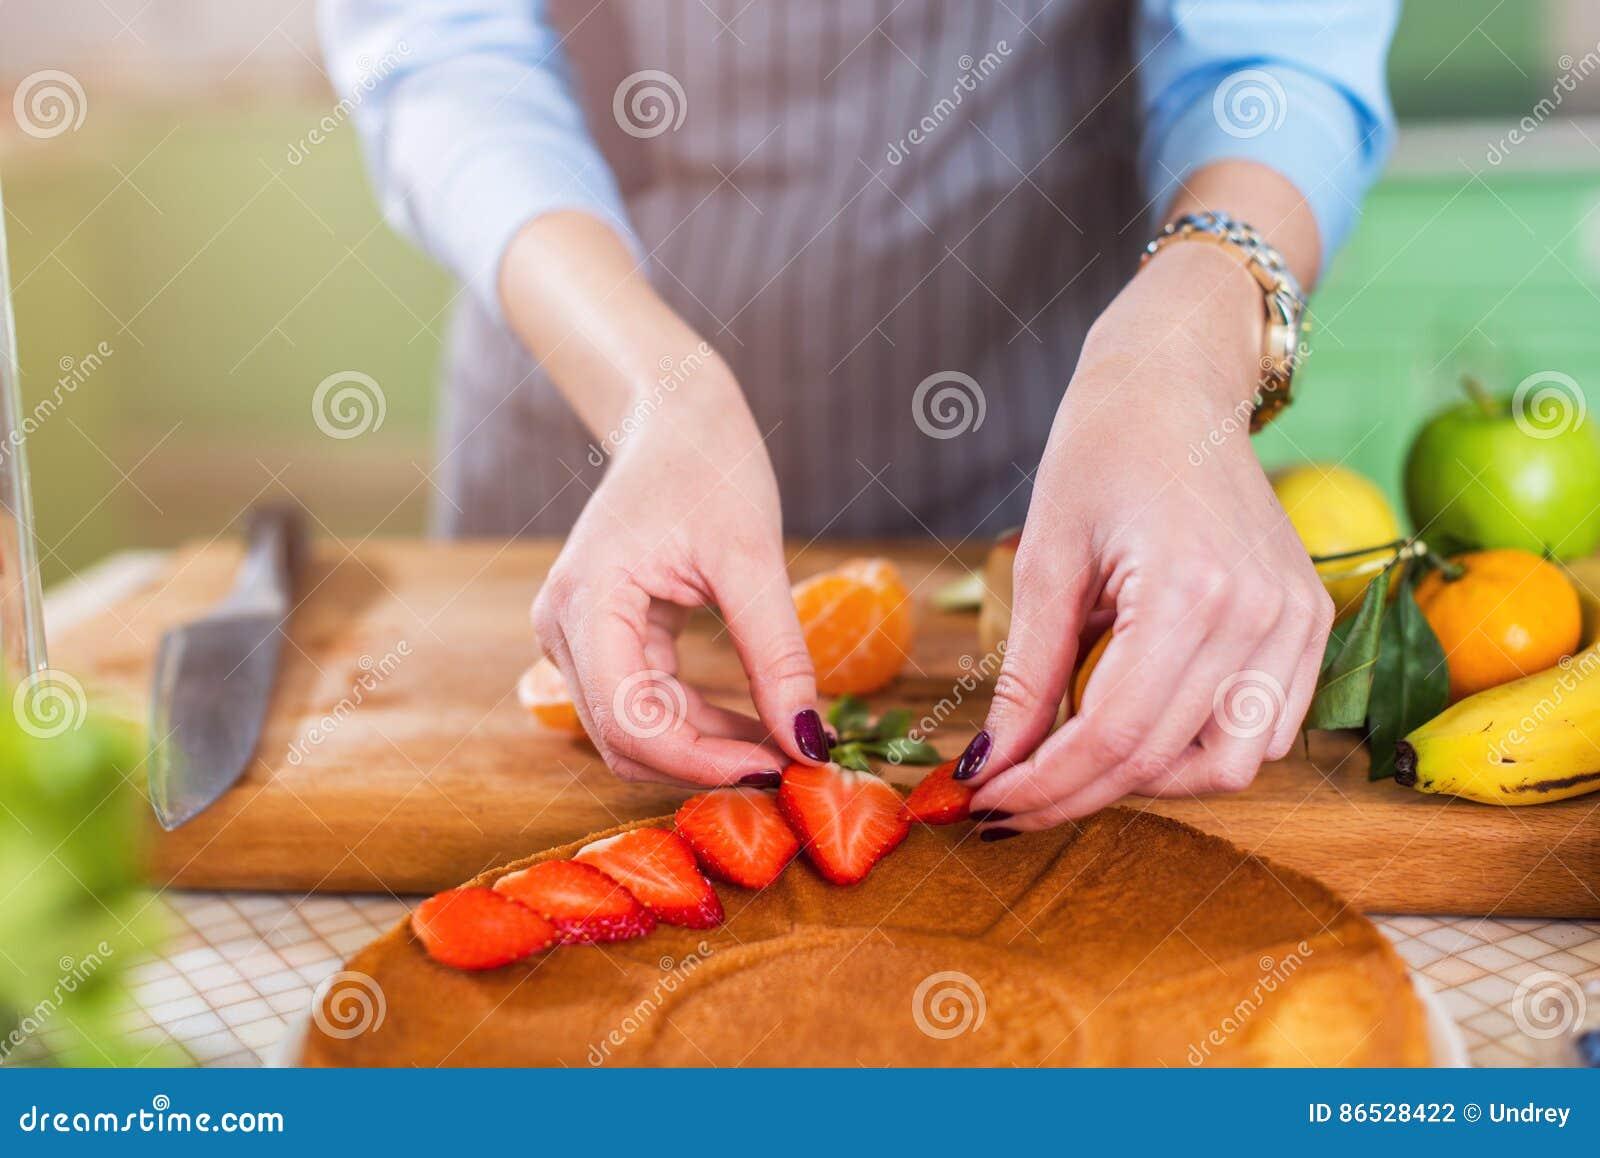 Vue en gros plan des mains femelles mettant la fraise coupée en tranches sur une couche de gâteau Femme faisant le tarte de baie